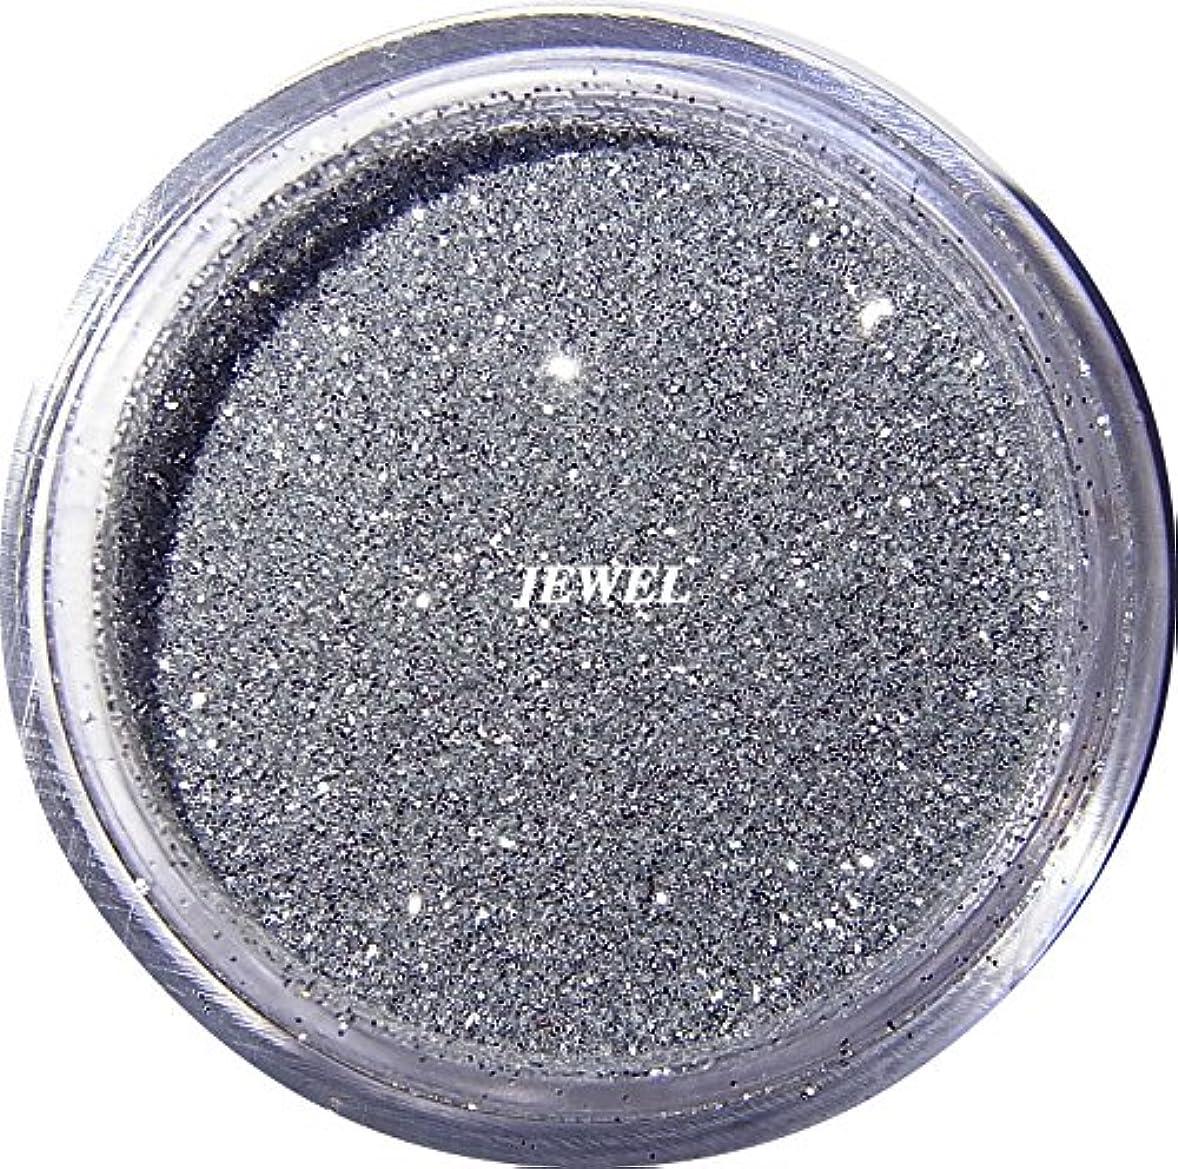 破滅警察署不安定な【jewel】 超微粒子ラメパウダー(銀/シルバー) 256/1サイズ 2g入り レジン&ネイル用 グリッター